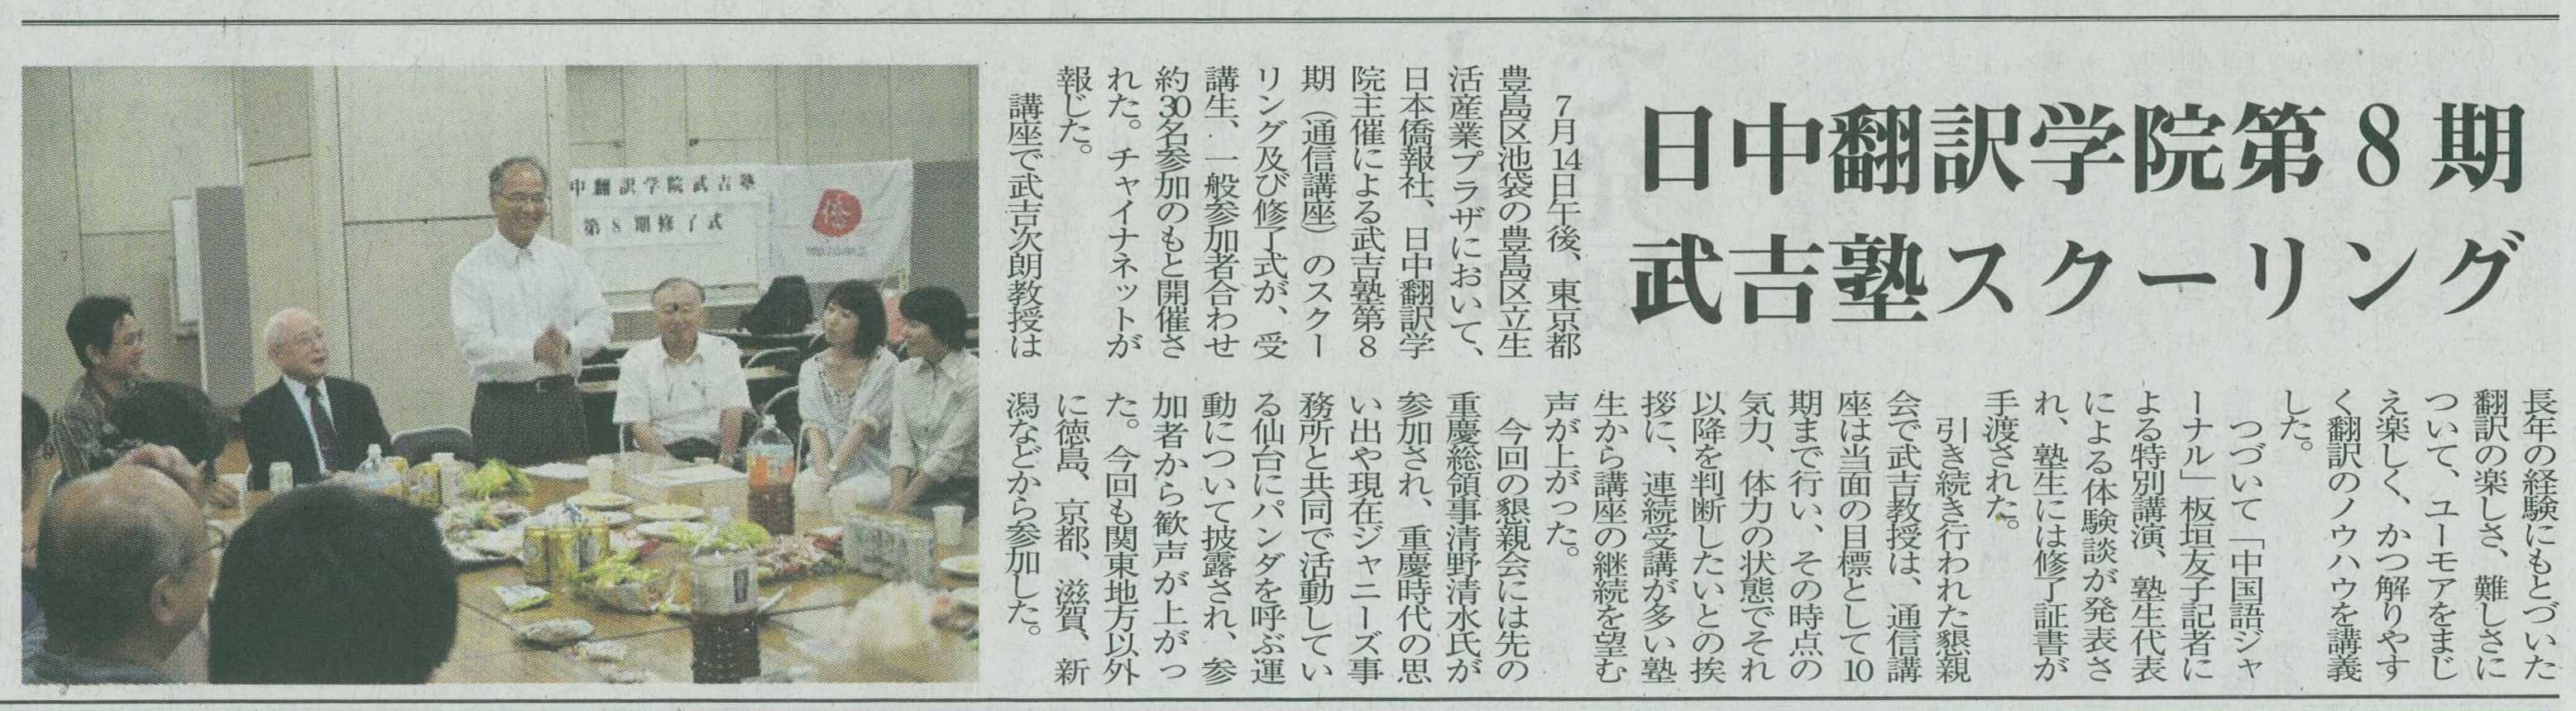 《日中新闻》日文版8月3日号,刊登了日中翻訳学院举行第八届结业典礼和讲评会的日文报道_d0027795_18562657.jpg